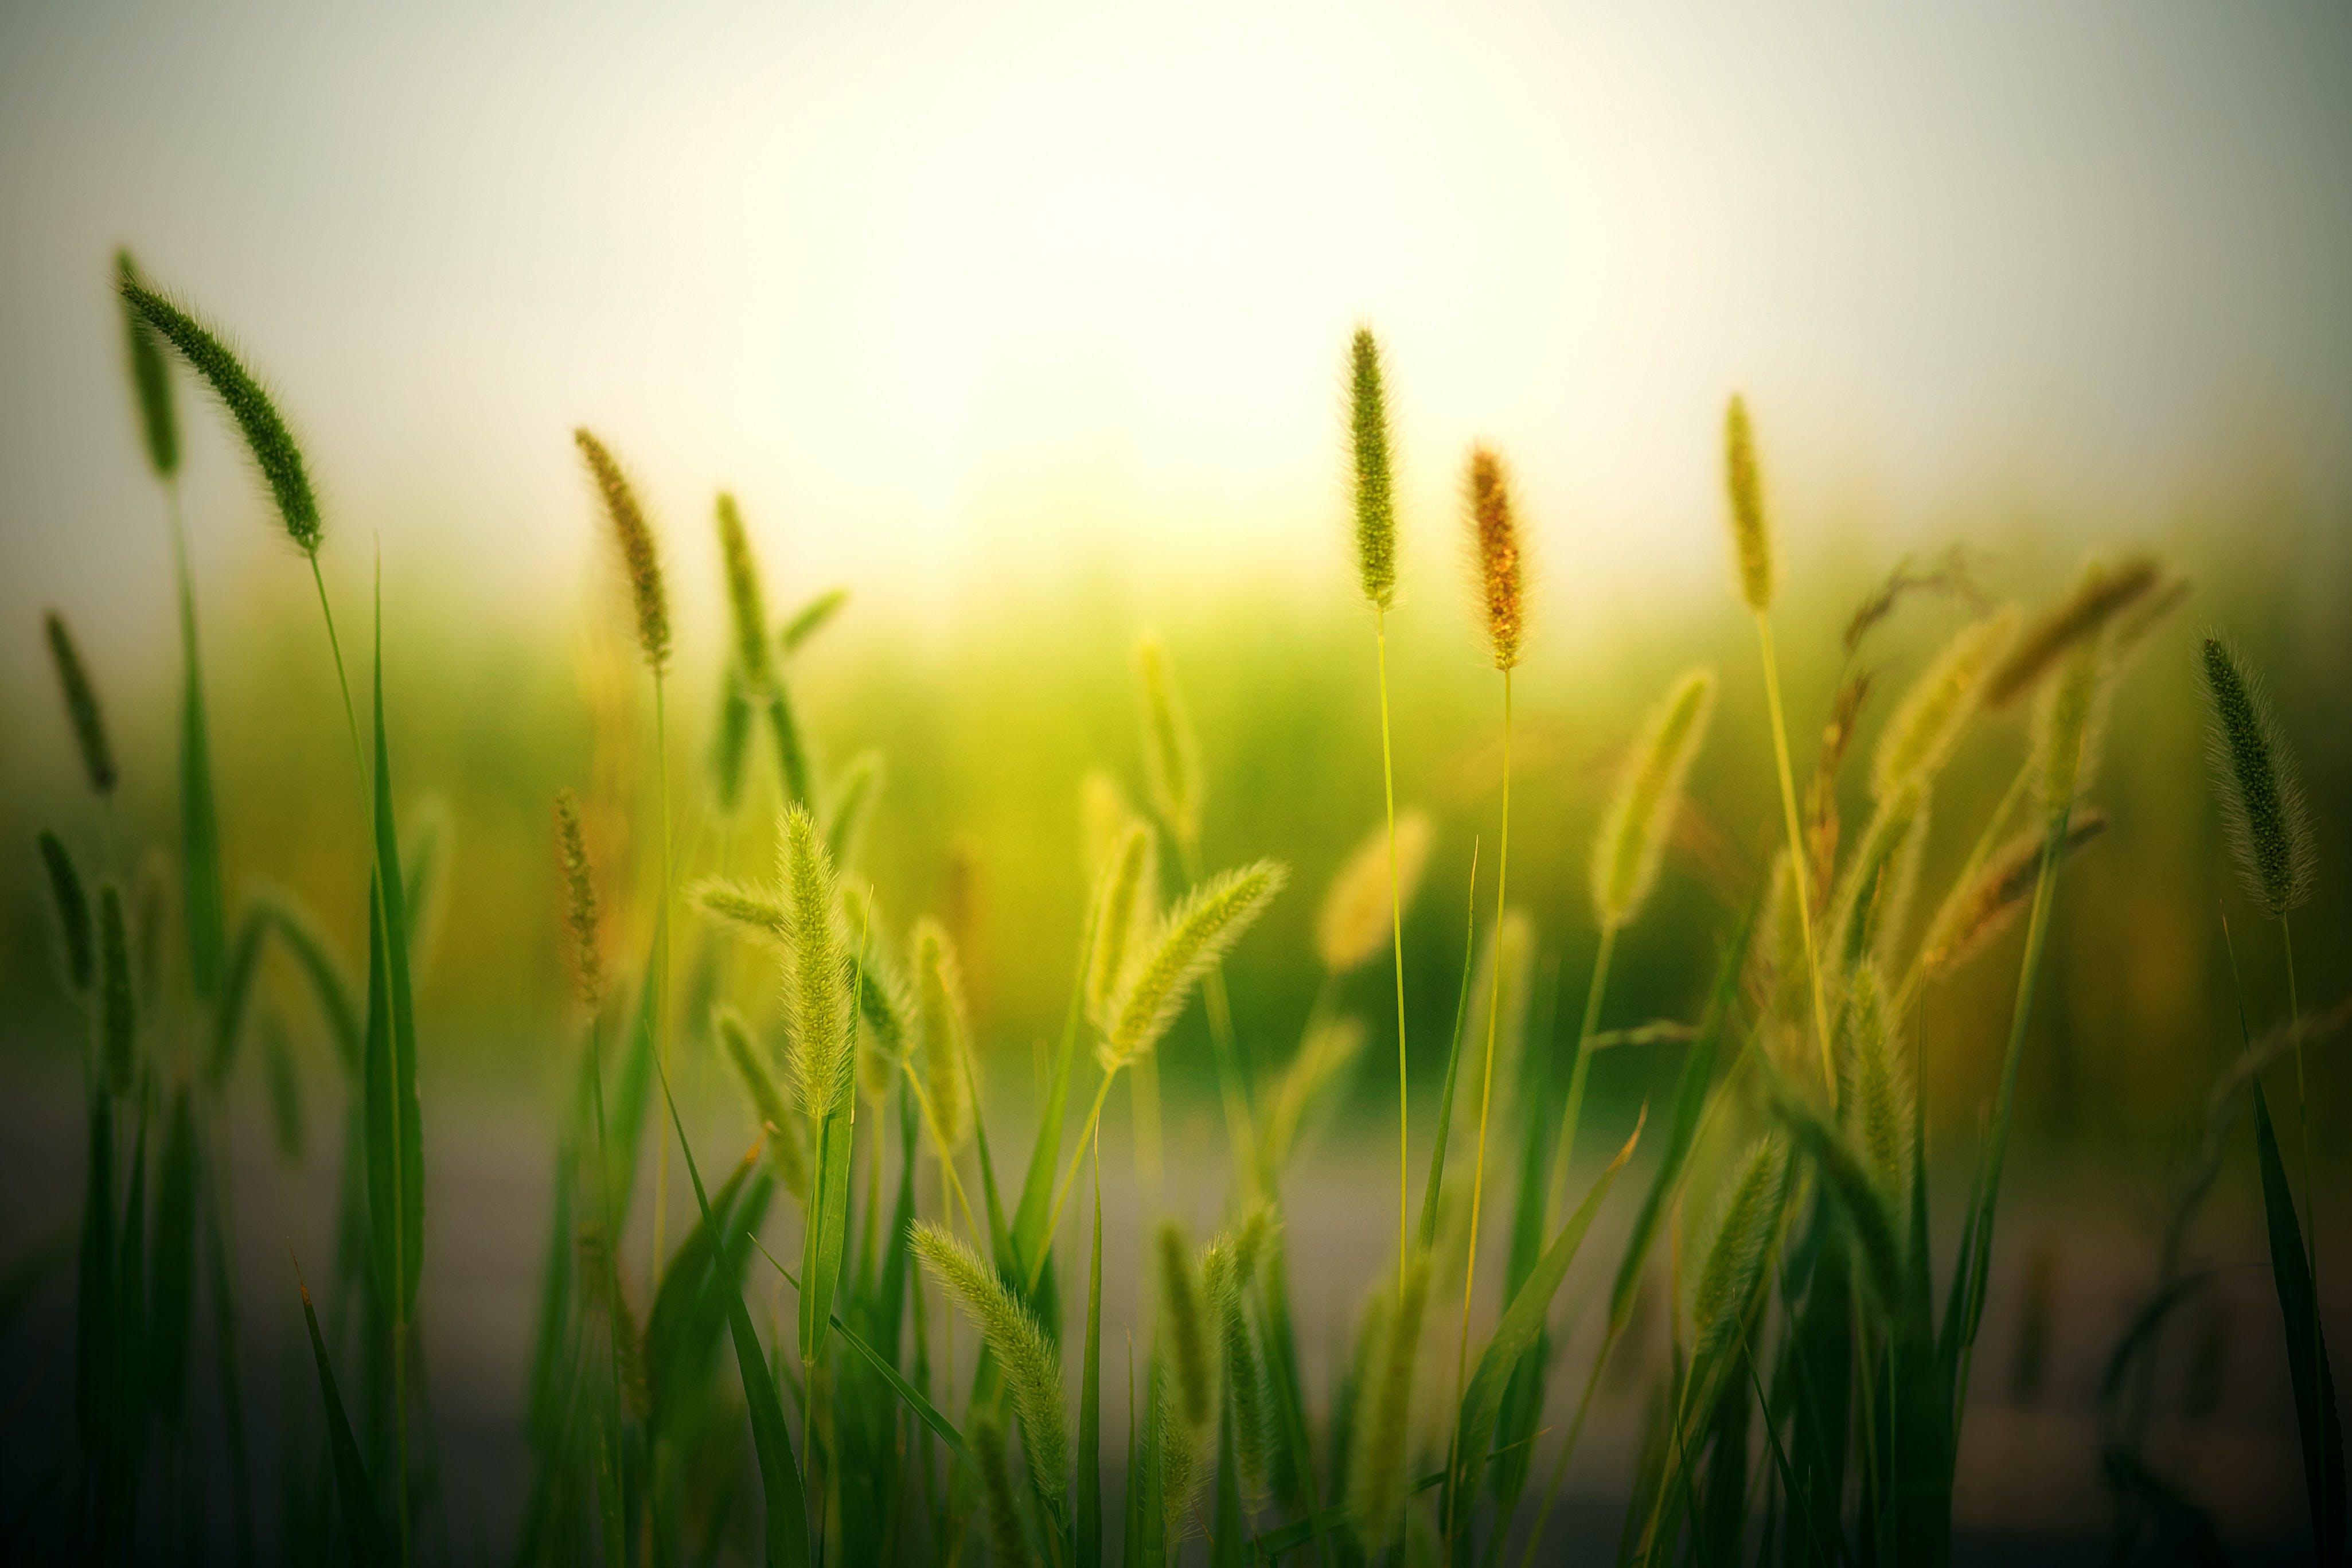 Gratis lagerfoto af agerjord, bane, gård, græs